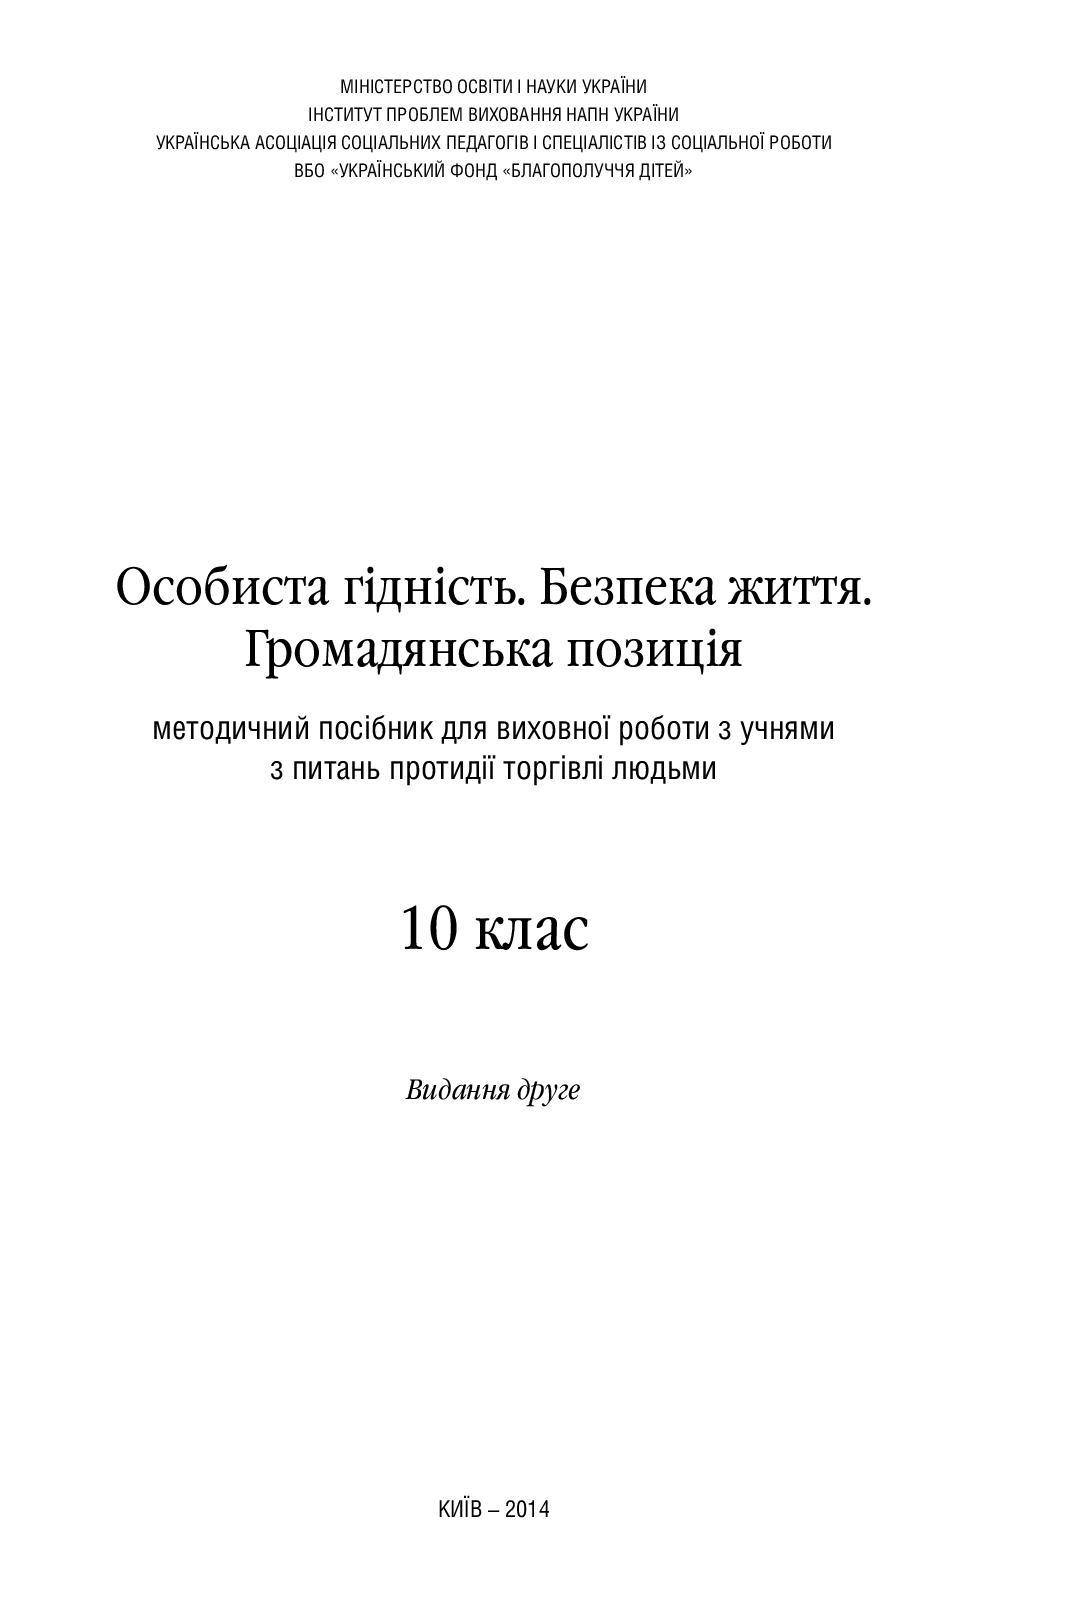 Calaméo - Методичний посібник Особиста гідність 10 клас 89d94eefa41d2